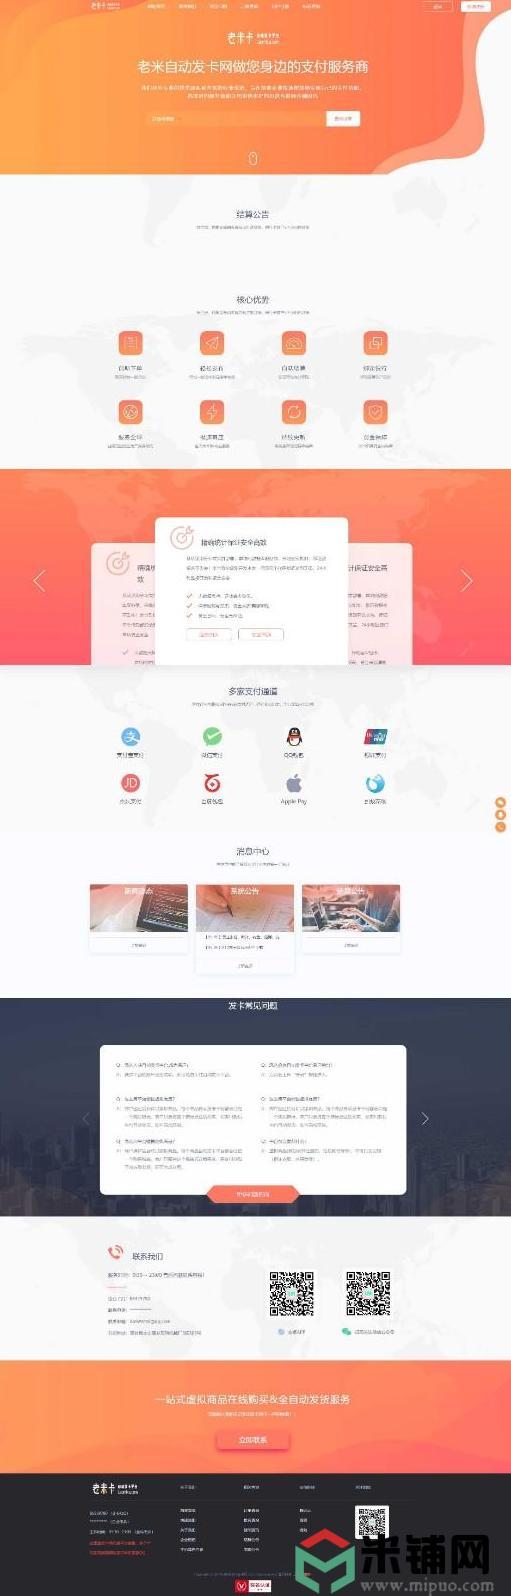 知宇企业发卡+手机端模版+商户模版等支付网站源码